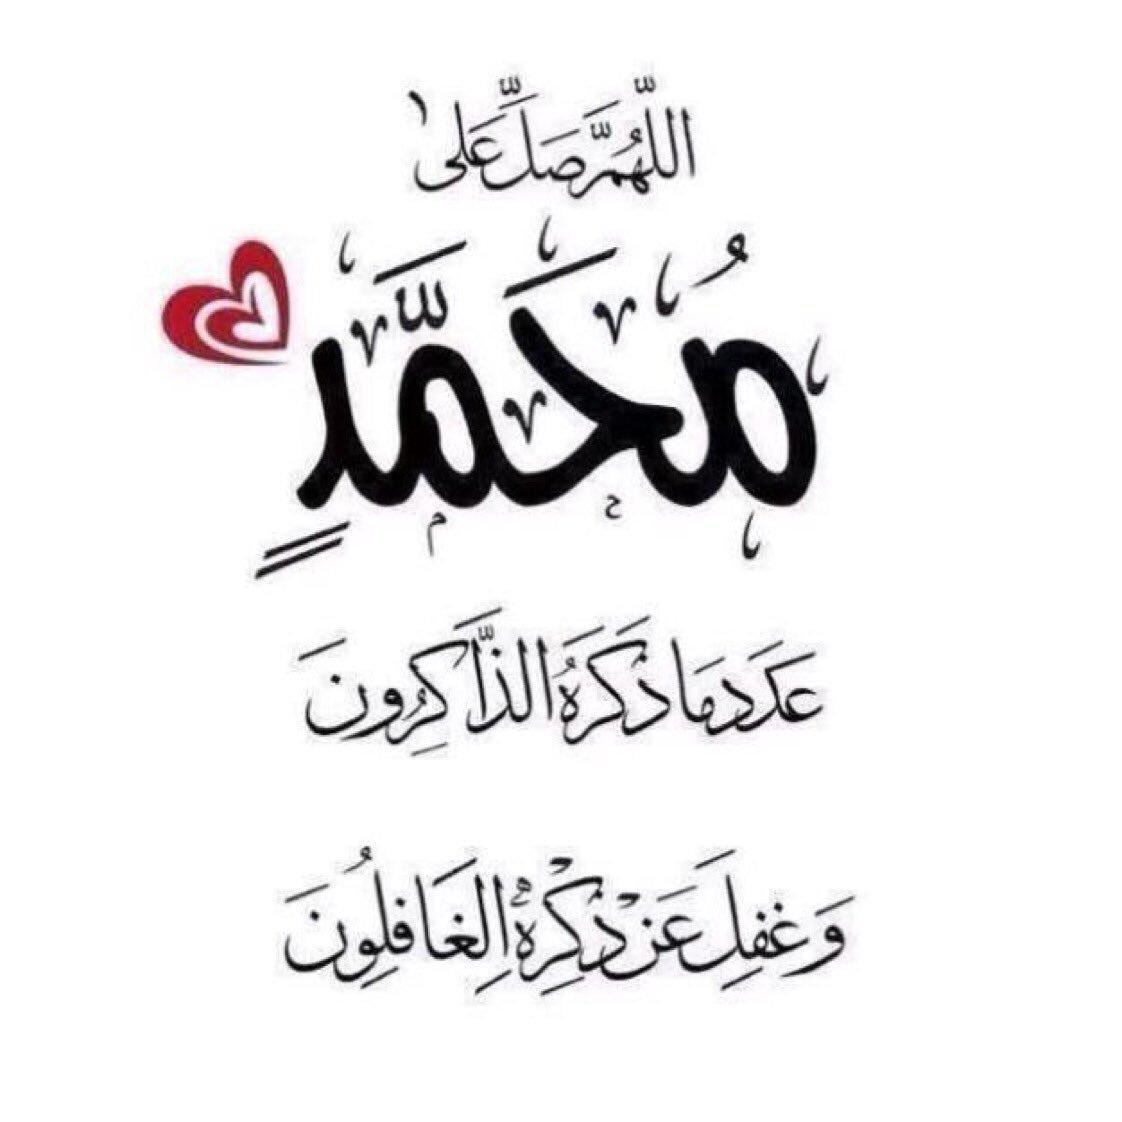 متعب الروح On Twitter صلى الله عليه وسلم عدد ماذكره الذاكرون وعدد ماغفل عن ذكره الغافلون الله يكتب لك